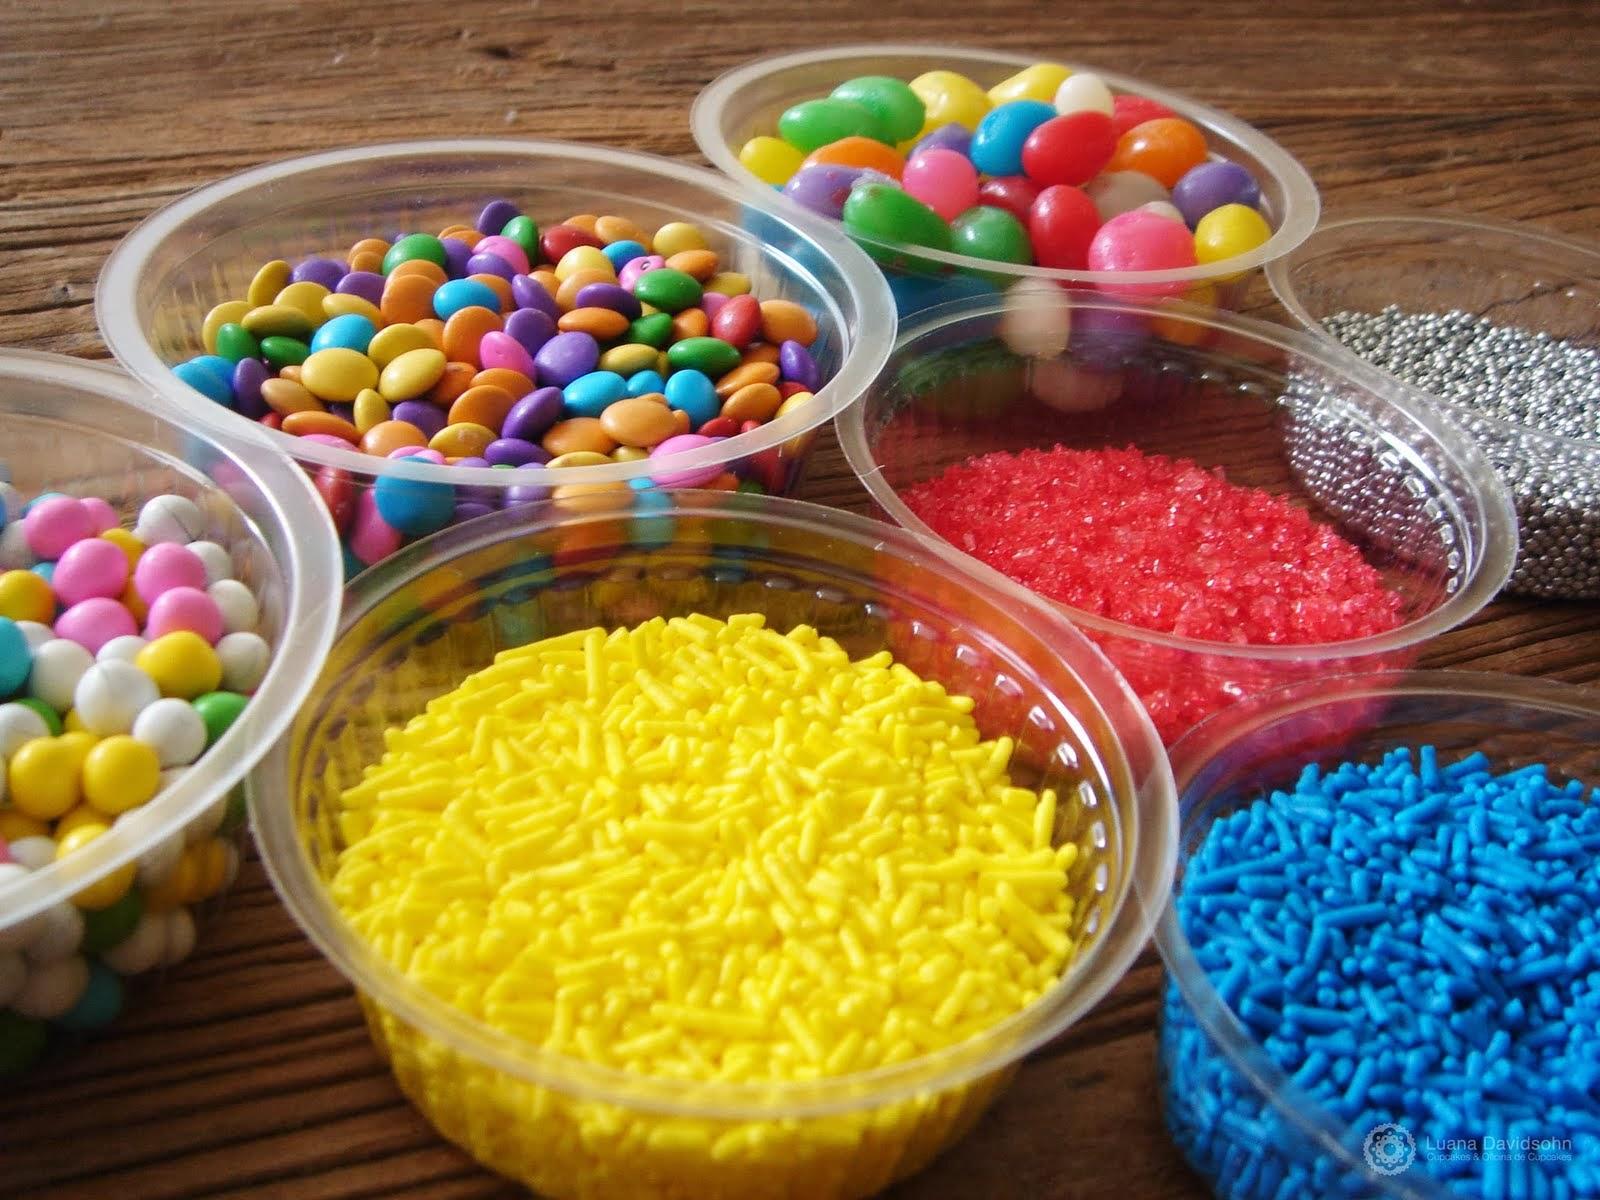 confeitos granulados